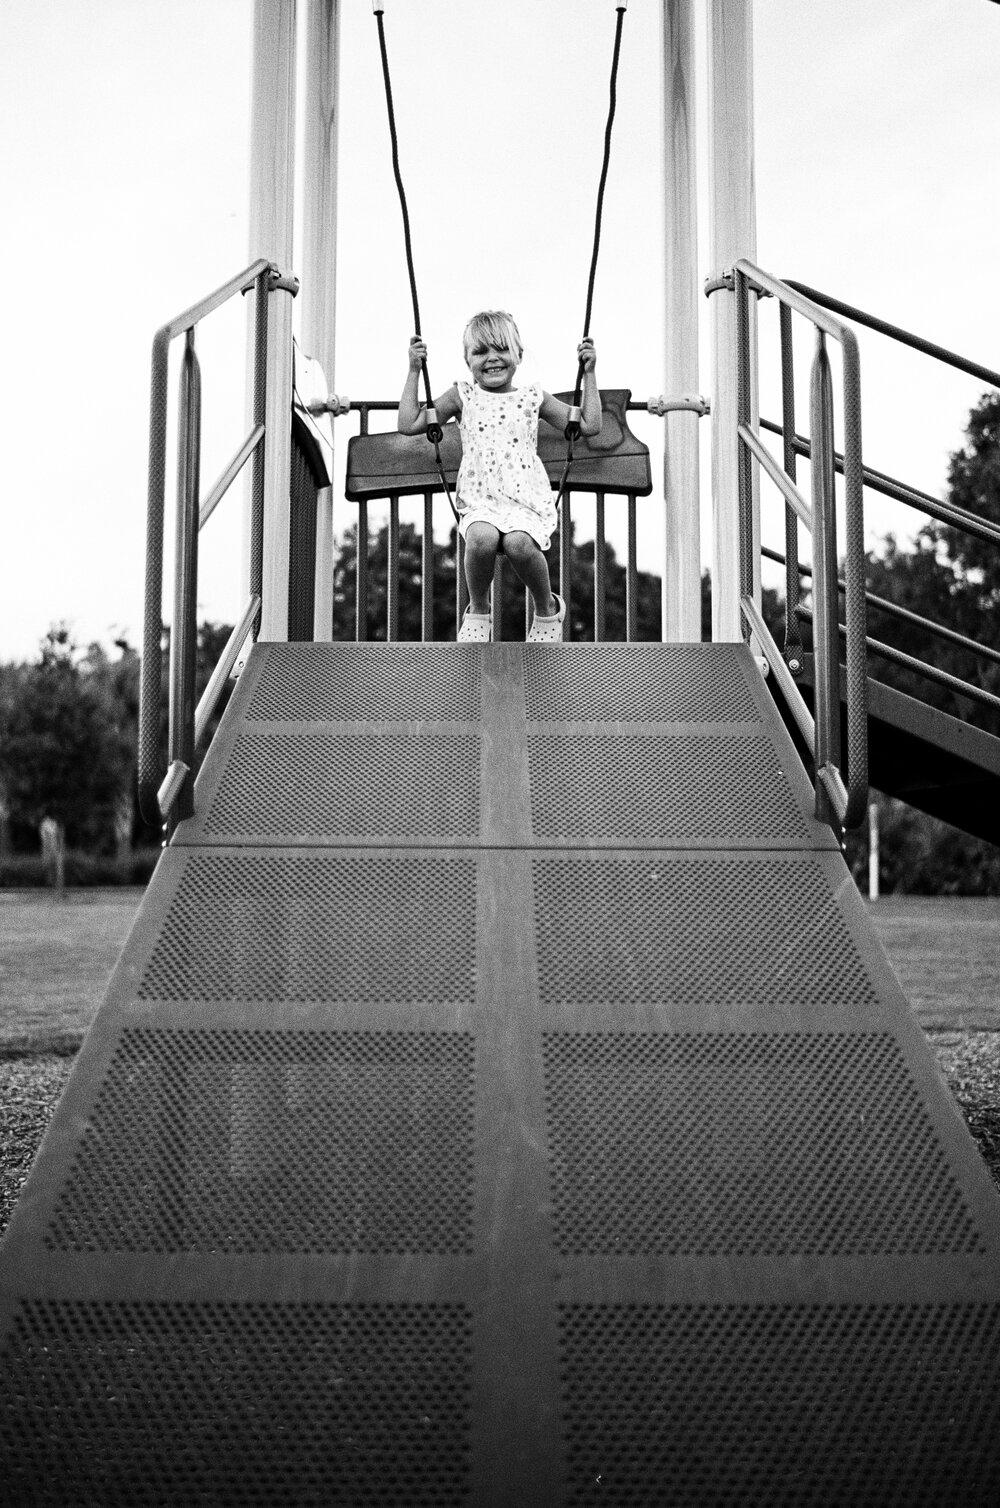 04-Leica-M-A-TMAX-Test-Kids-Park-Wendy-9.jpg